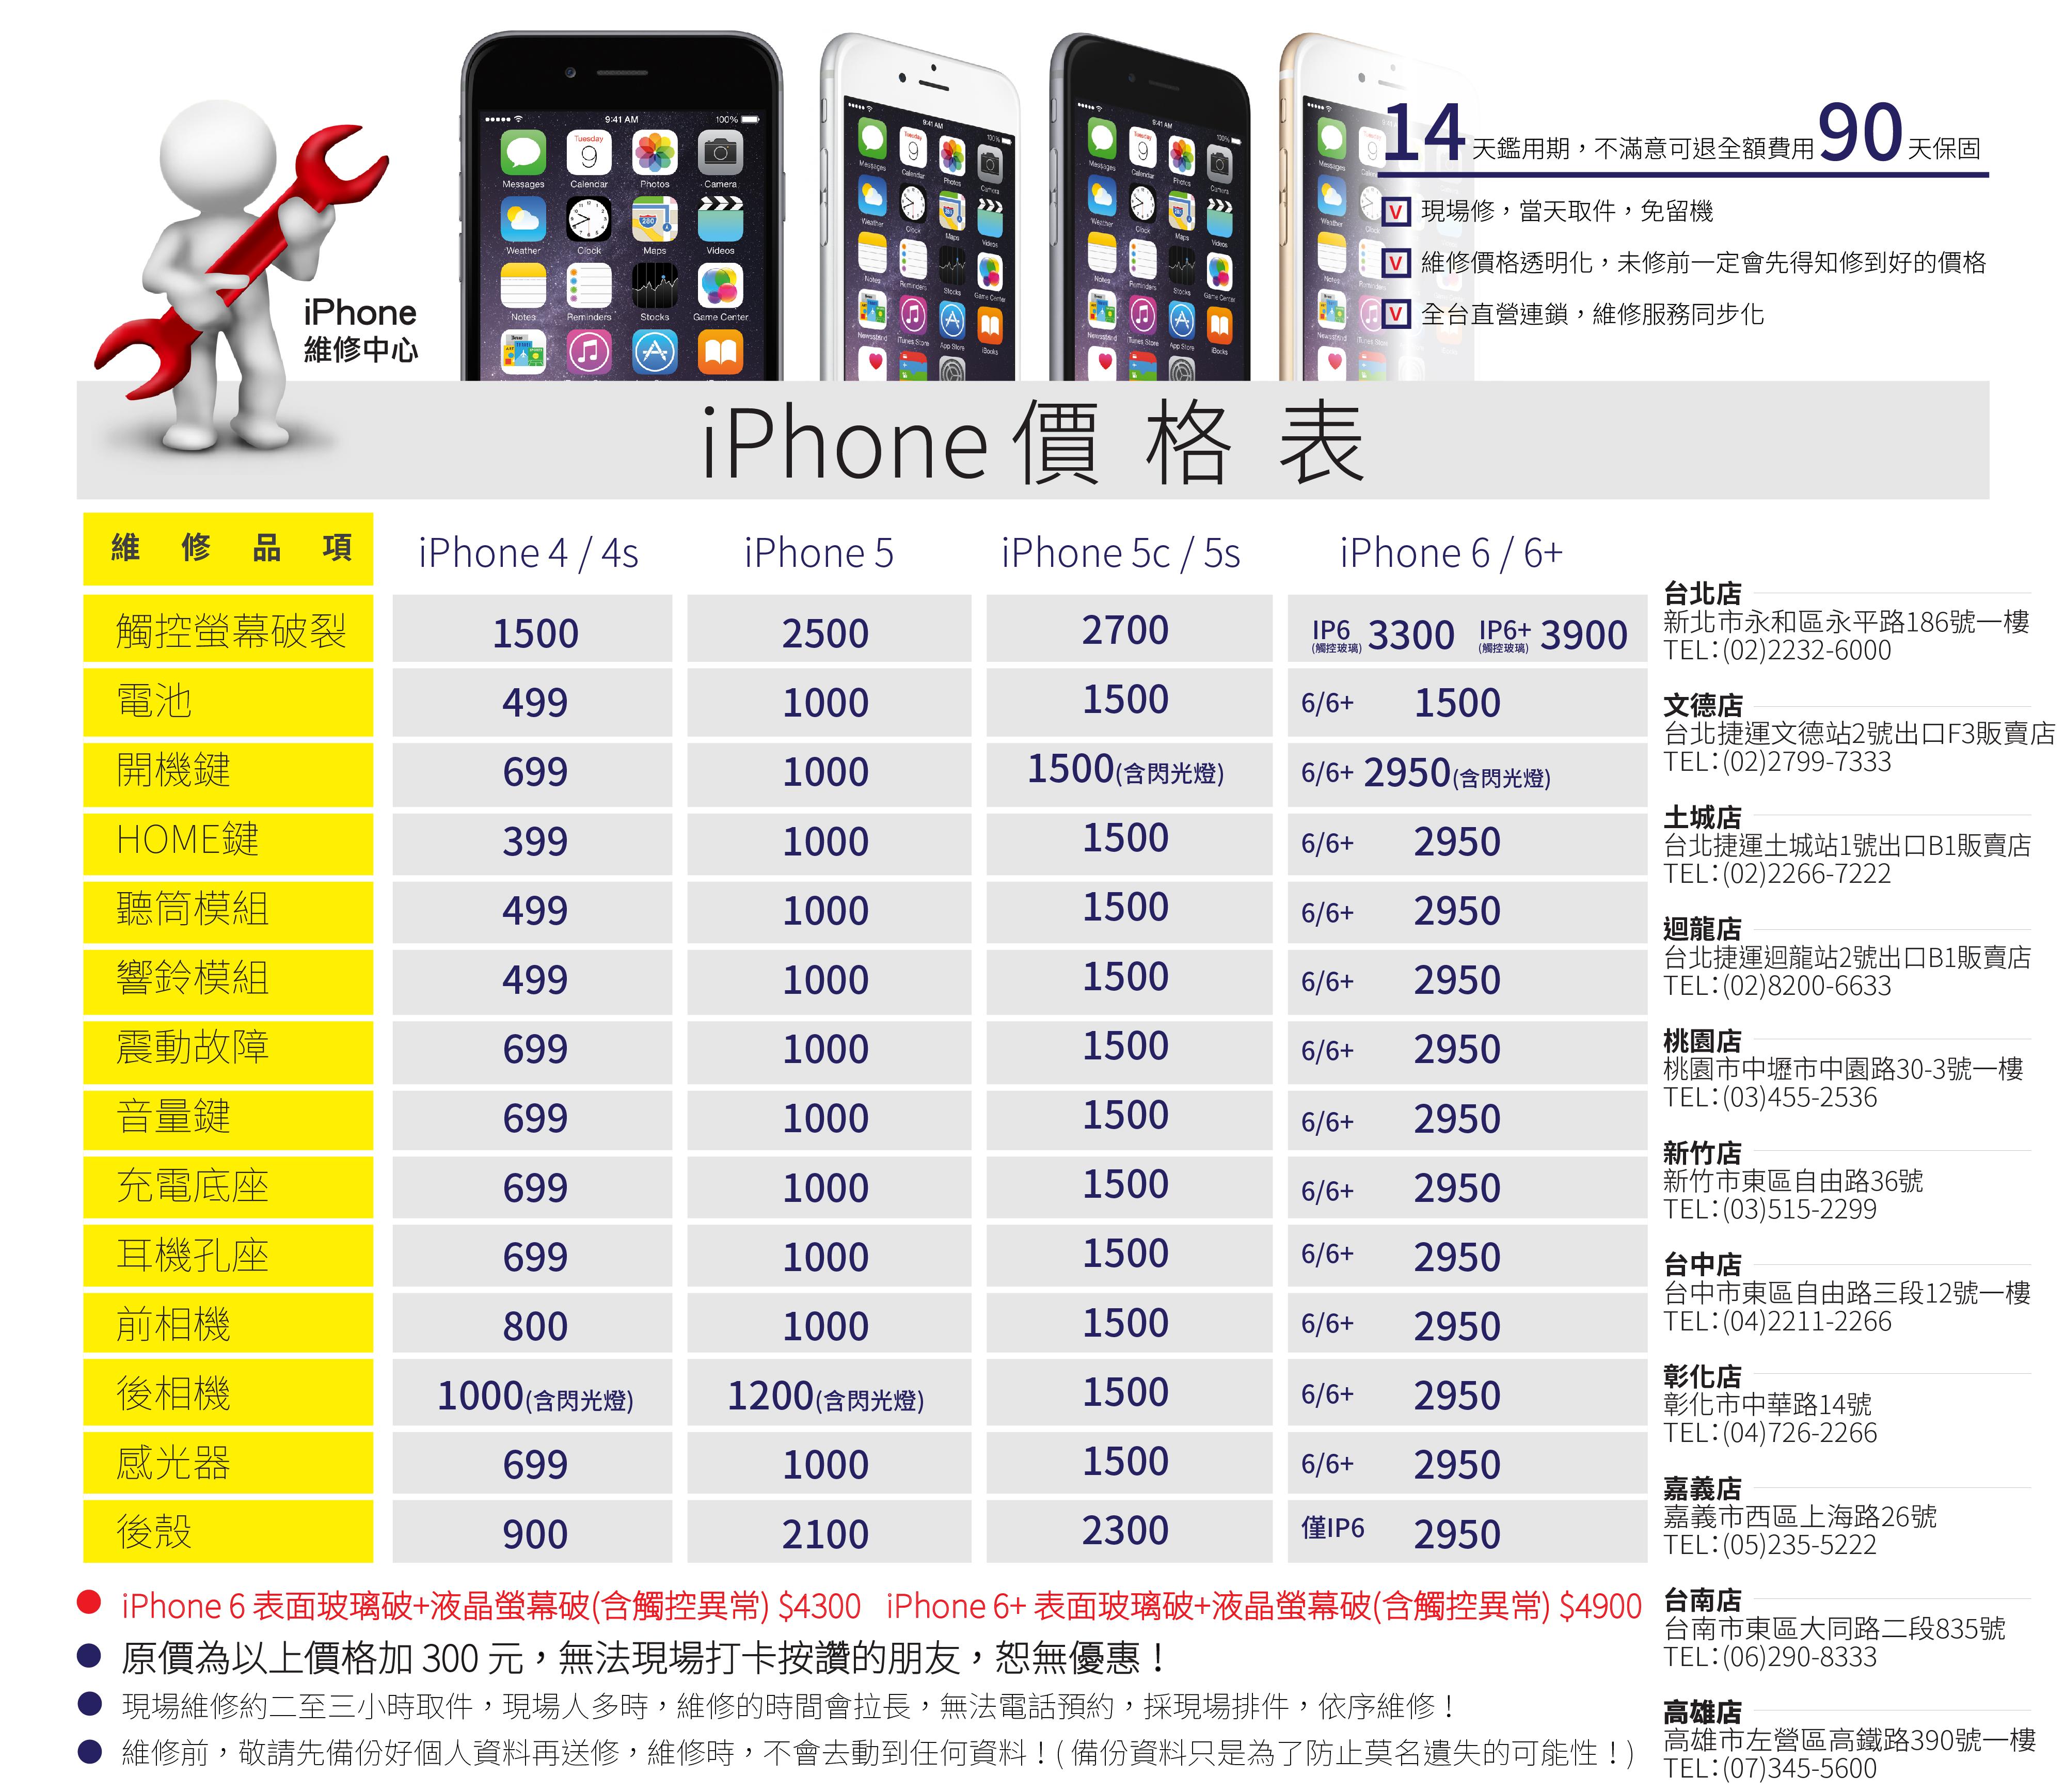 20151208_iphone維修中心_iphone價格表-01